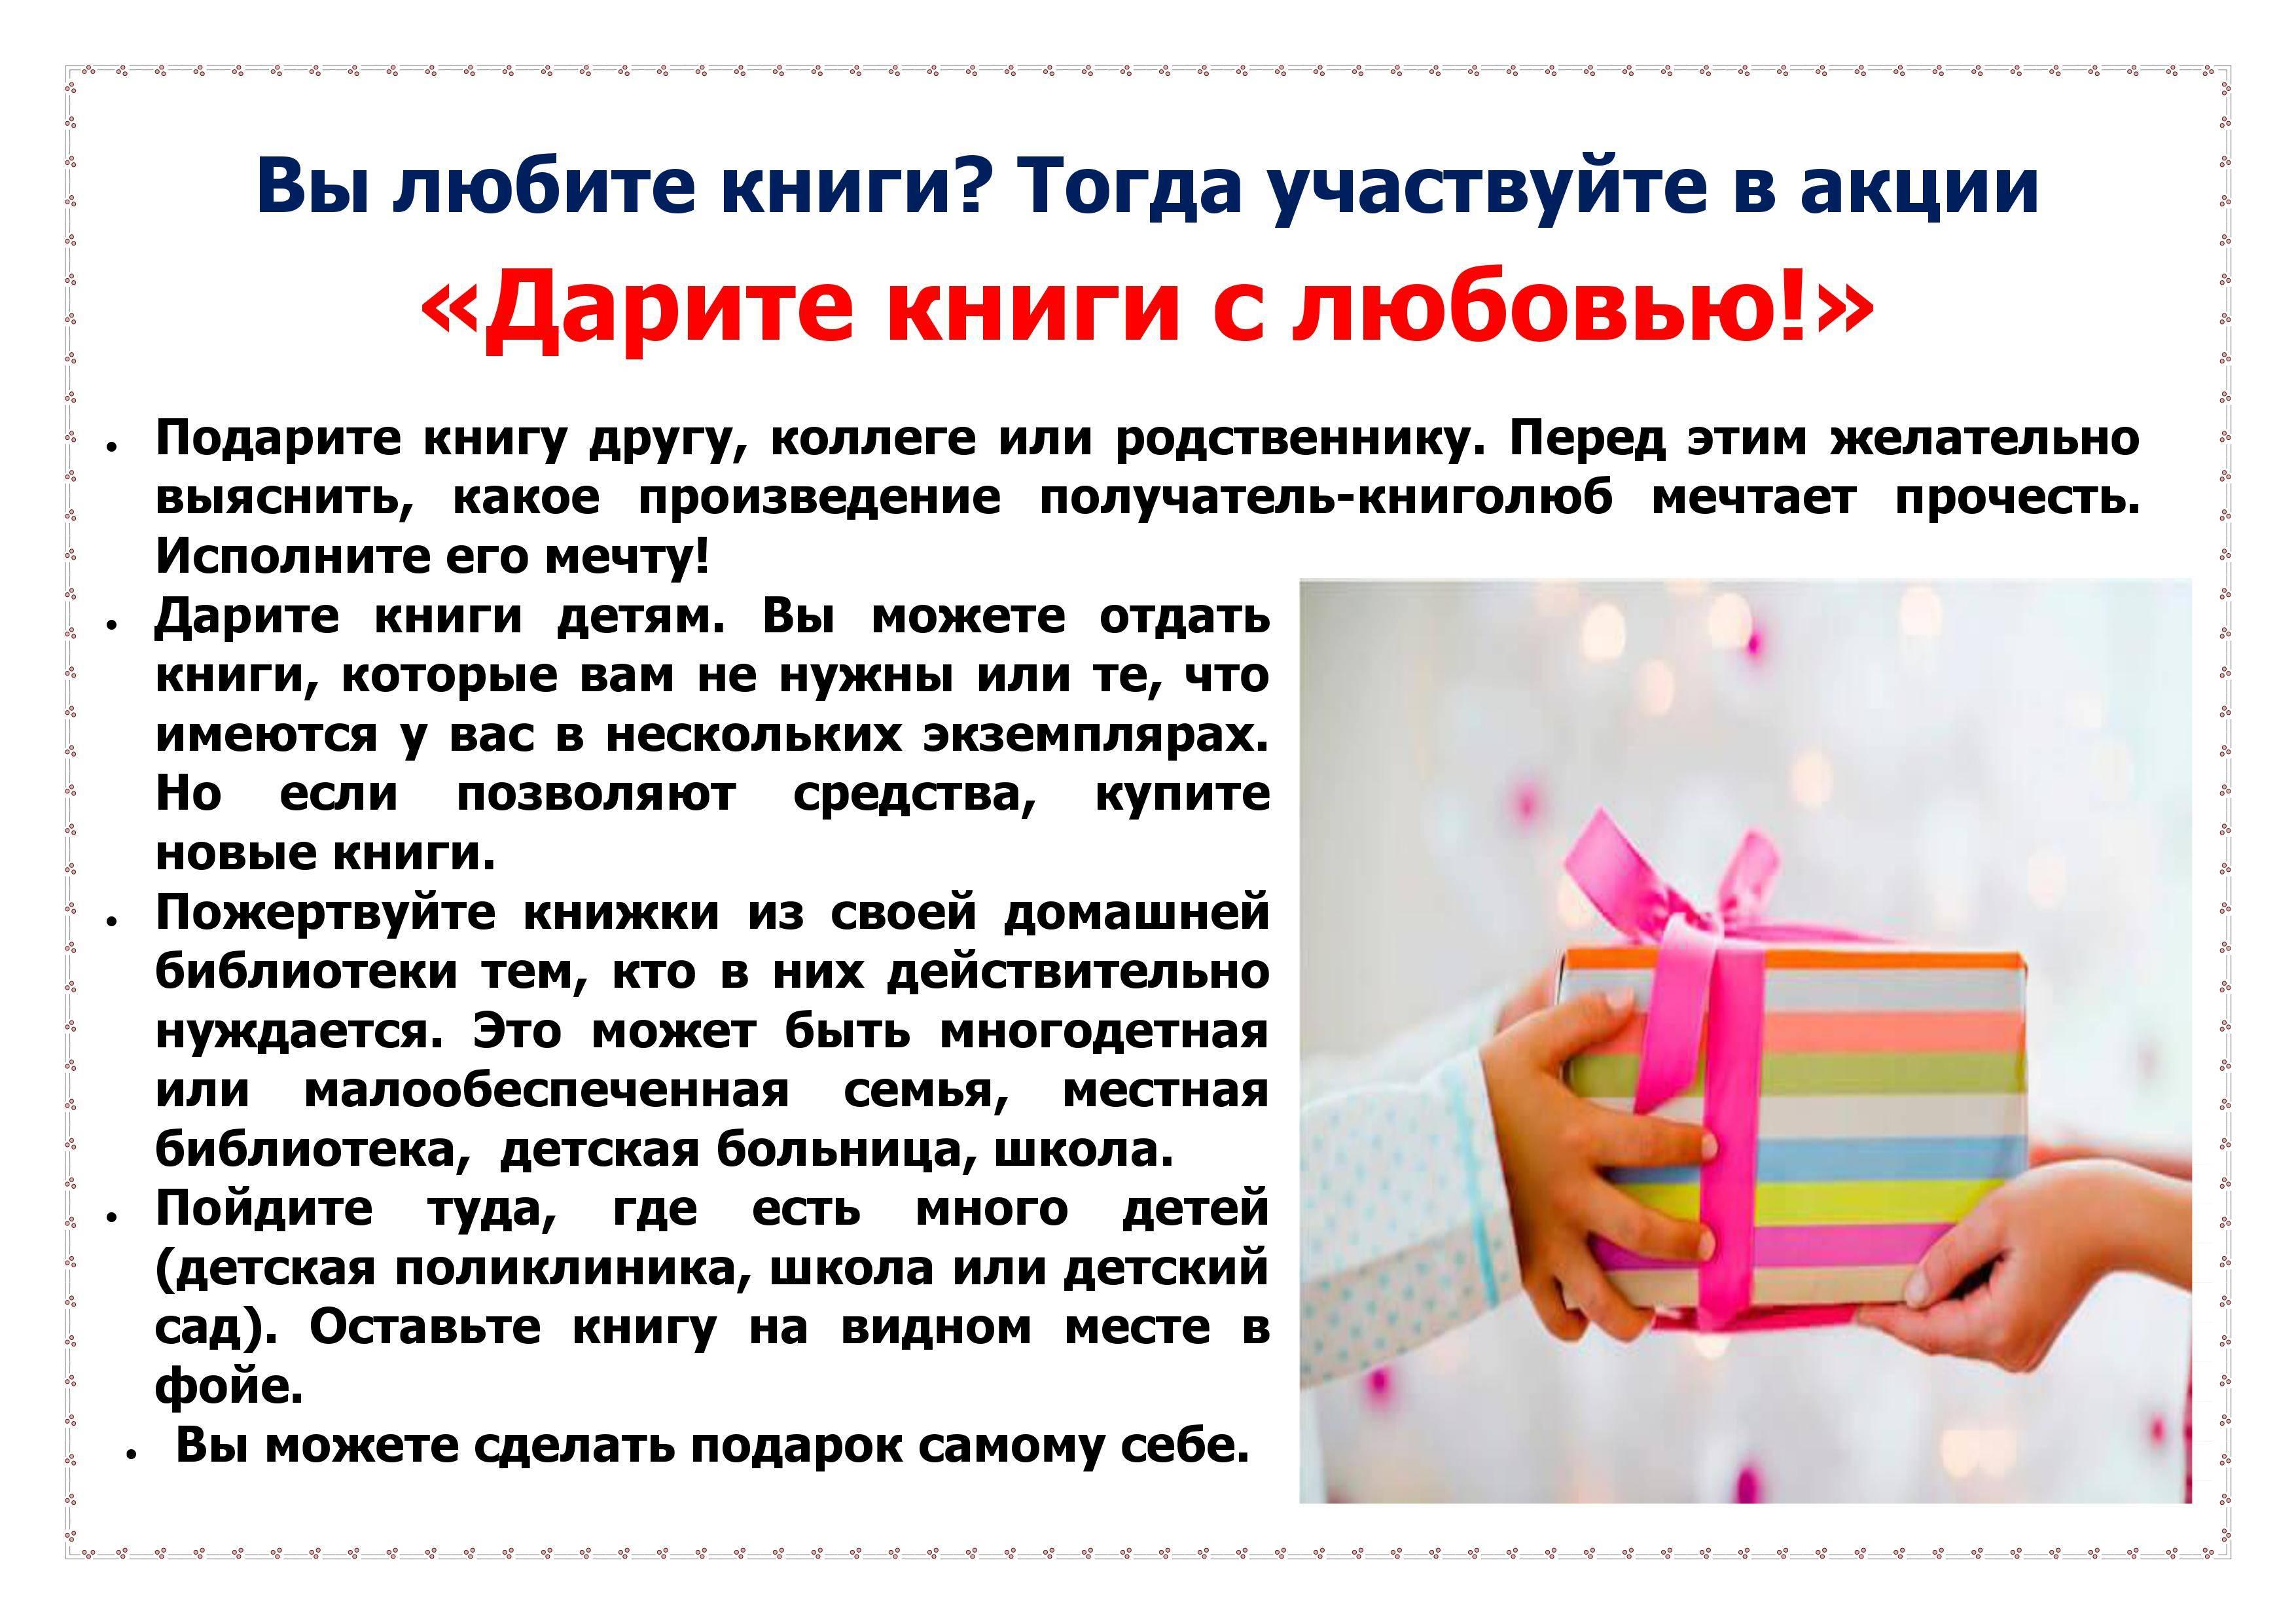 Что подарить ребенку? Дарите книгу